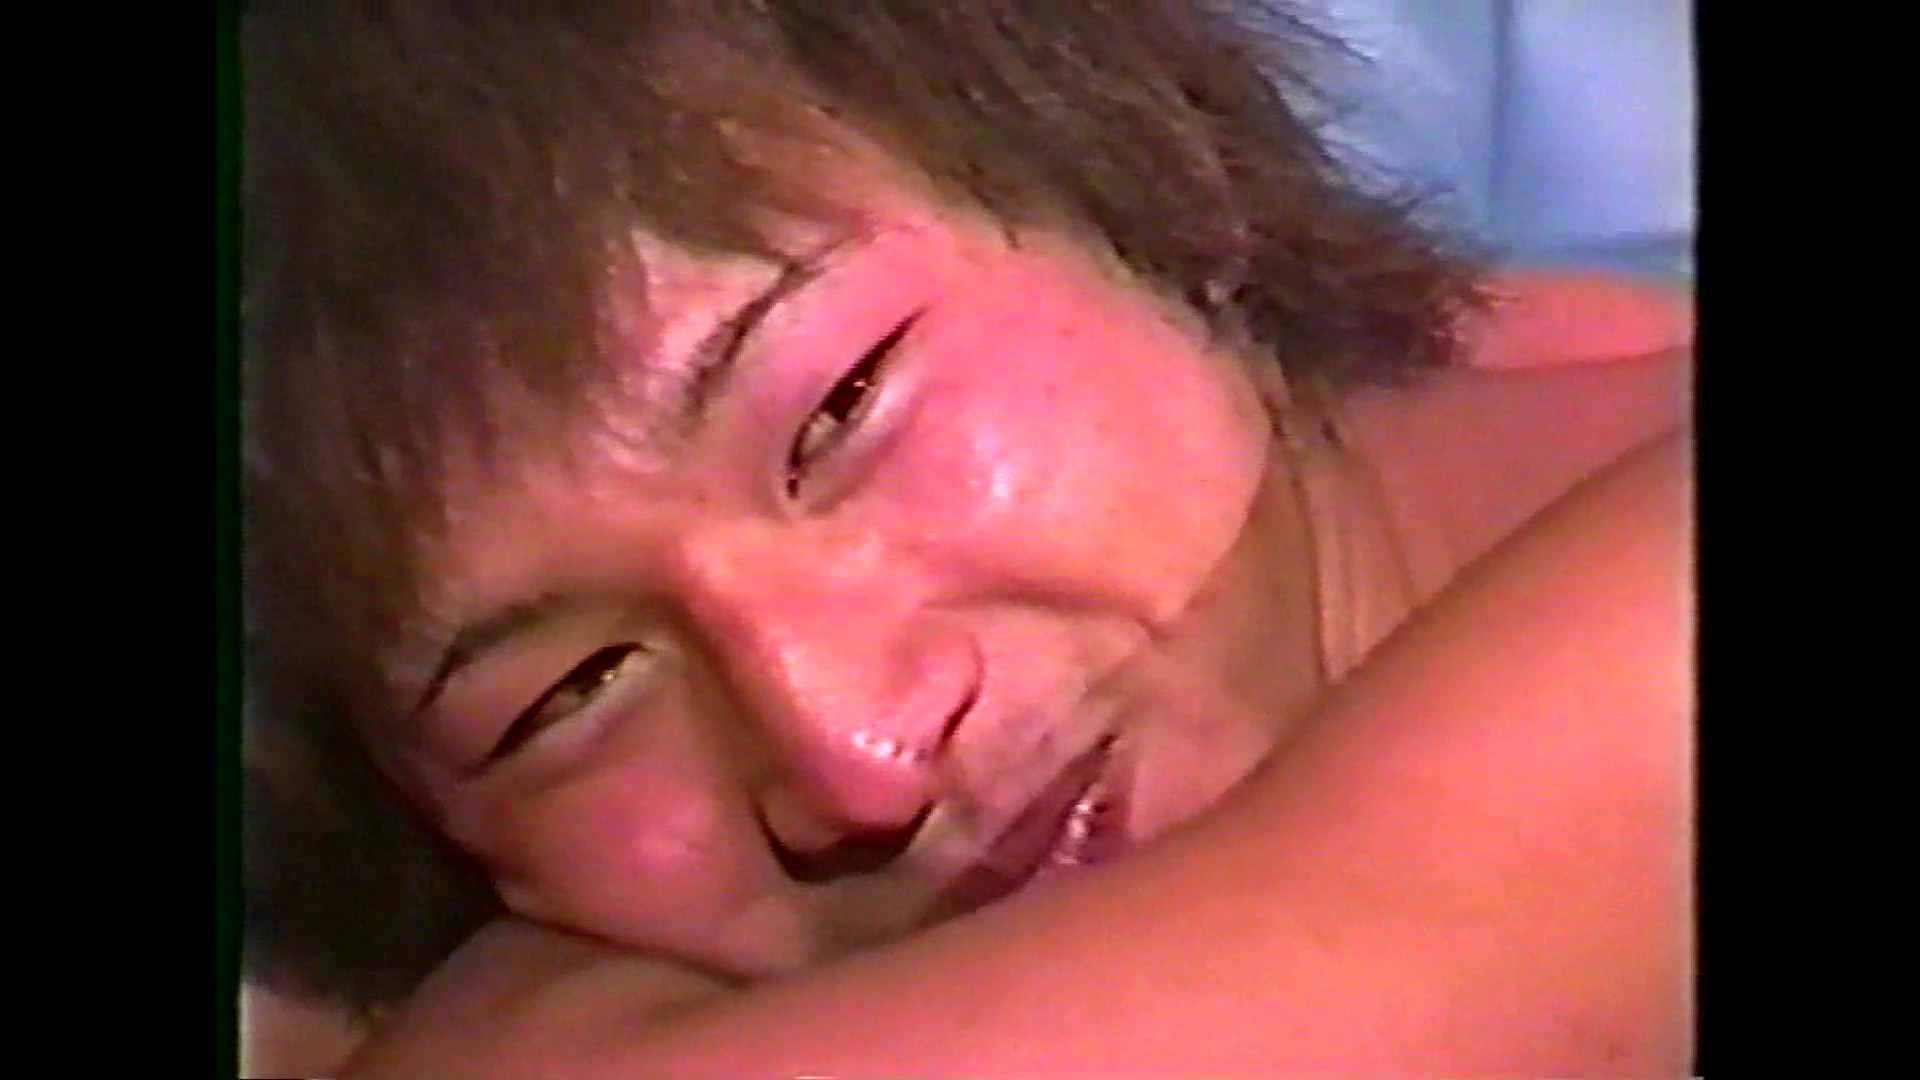 GAYBOY宏のオカズ倉庫Vol.3-4 オナニー ゲイセックス画像 67pic 3